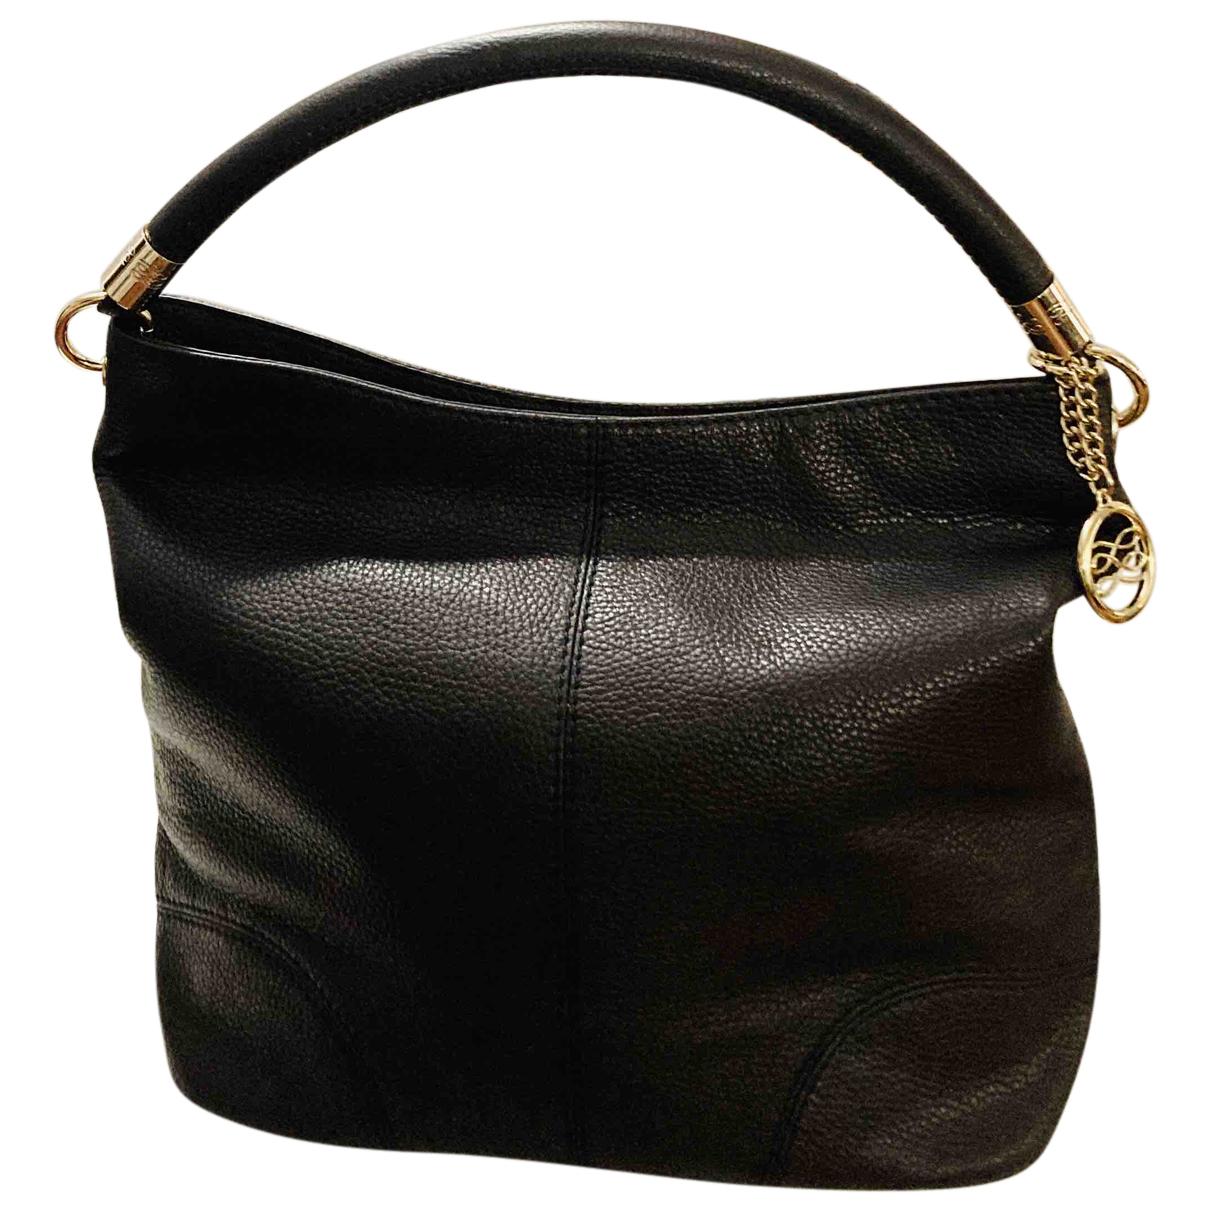 Lancel French Flair Handtasche in  Braun Leder